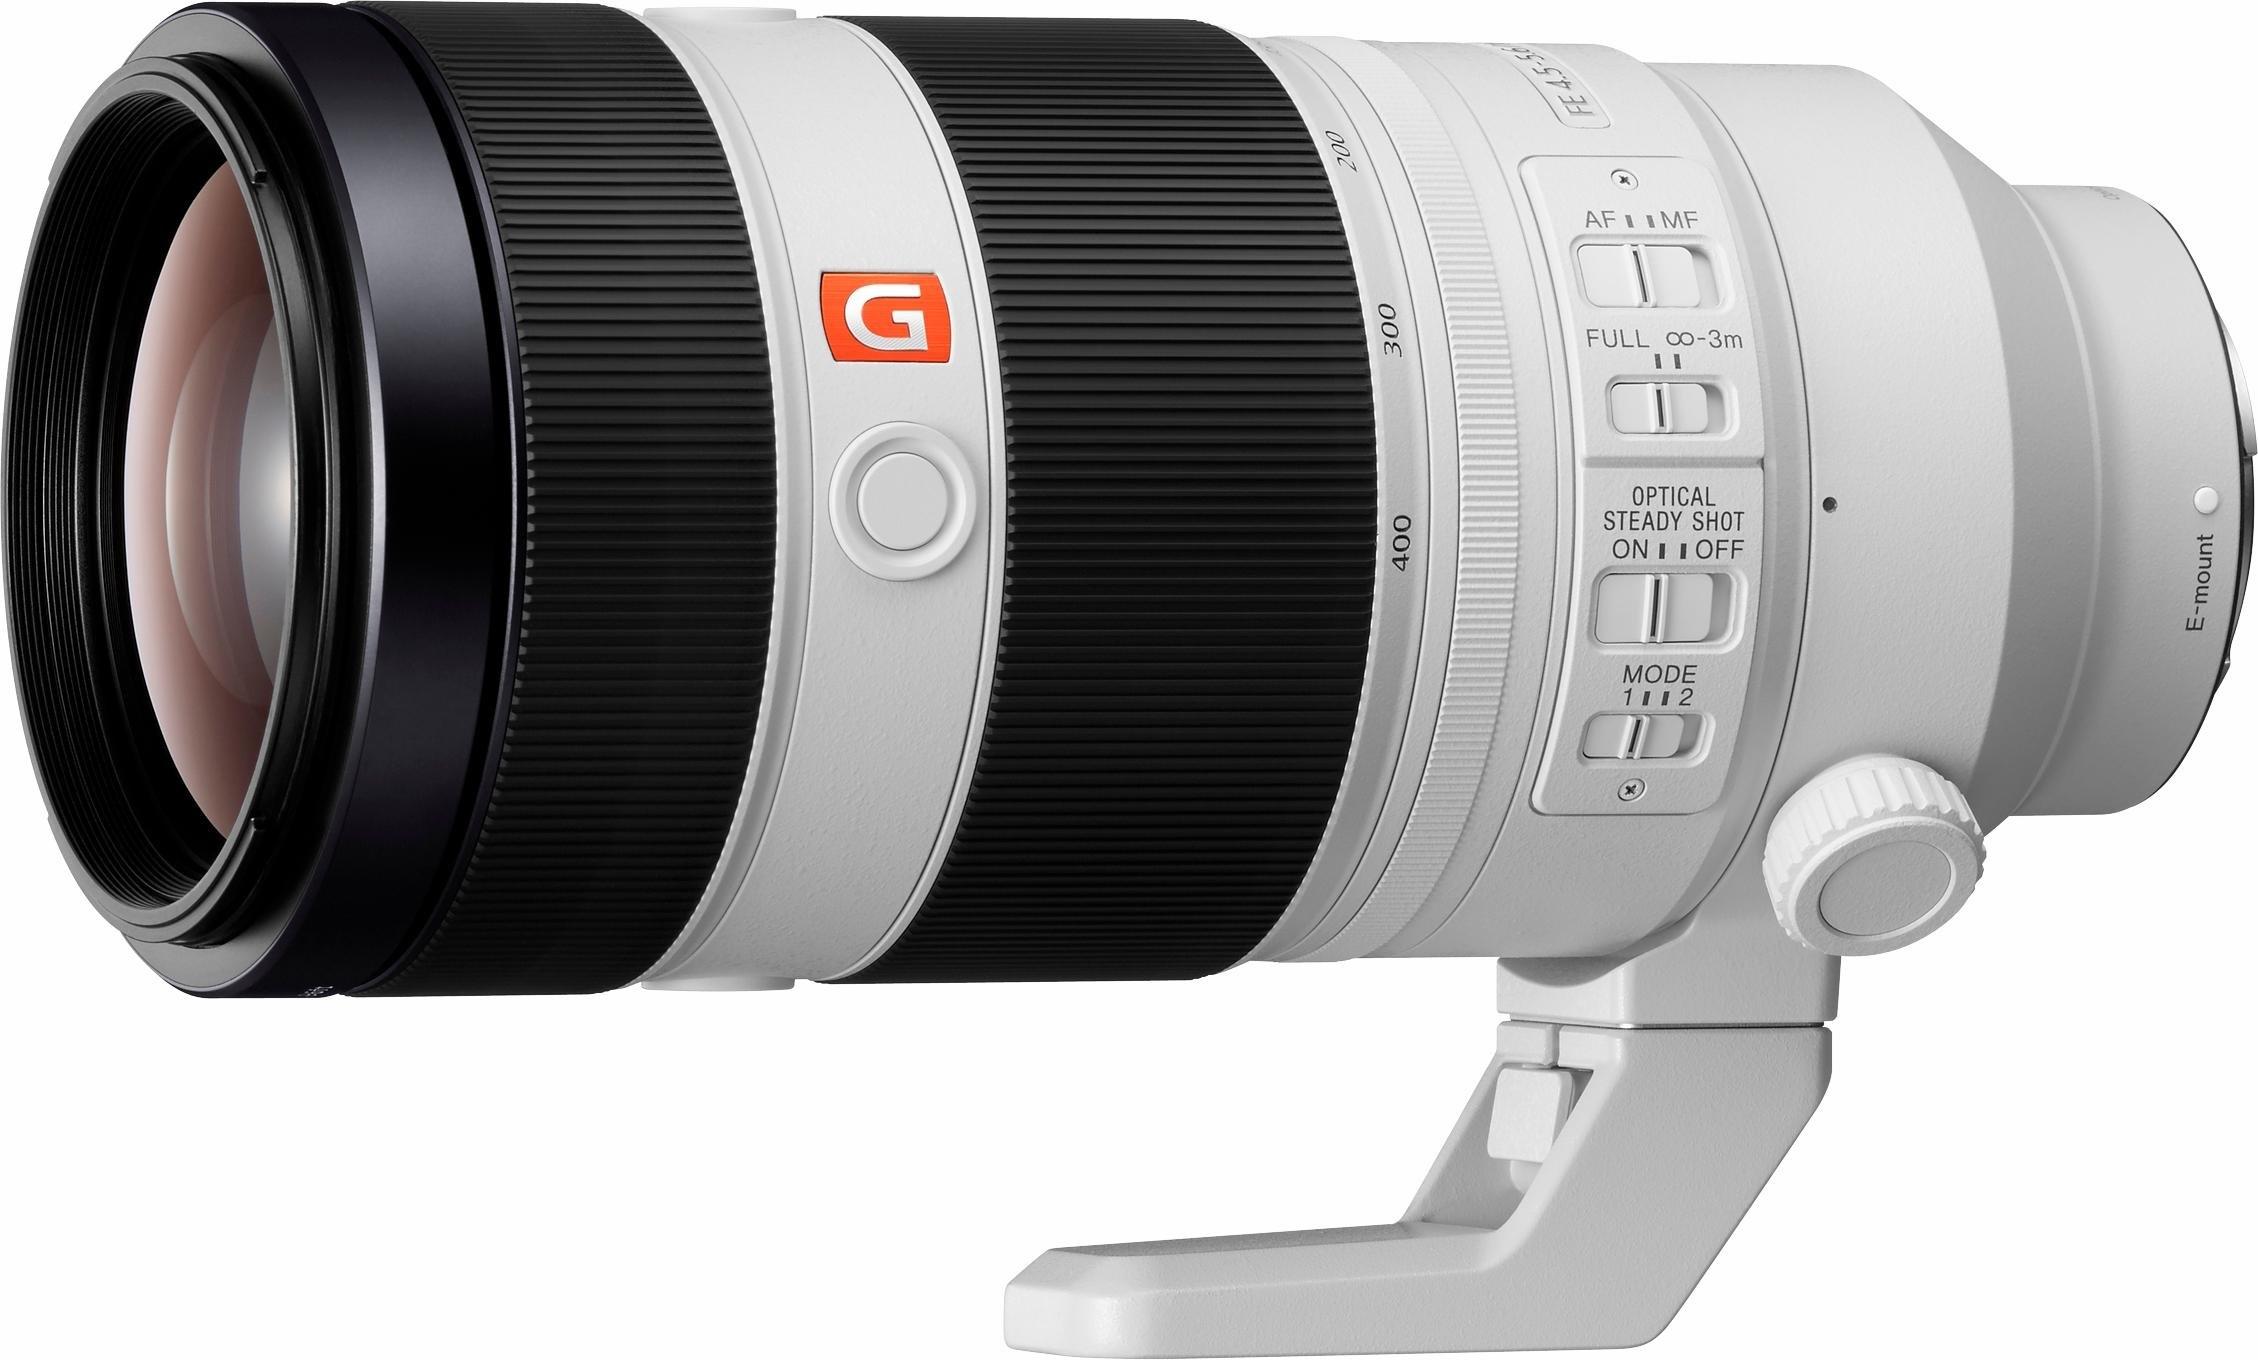 SONY G-Master FE 100-400mm F4,5-5,6 GM OSS telezoomobjectief bij OTTO online kopen